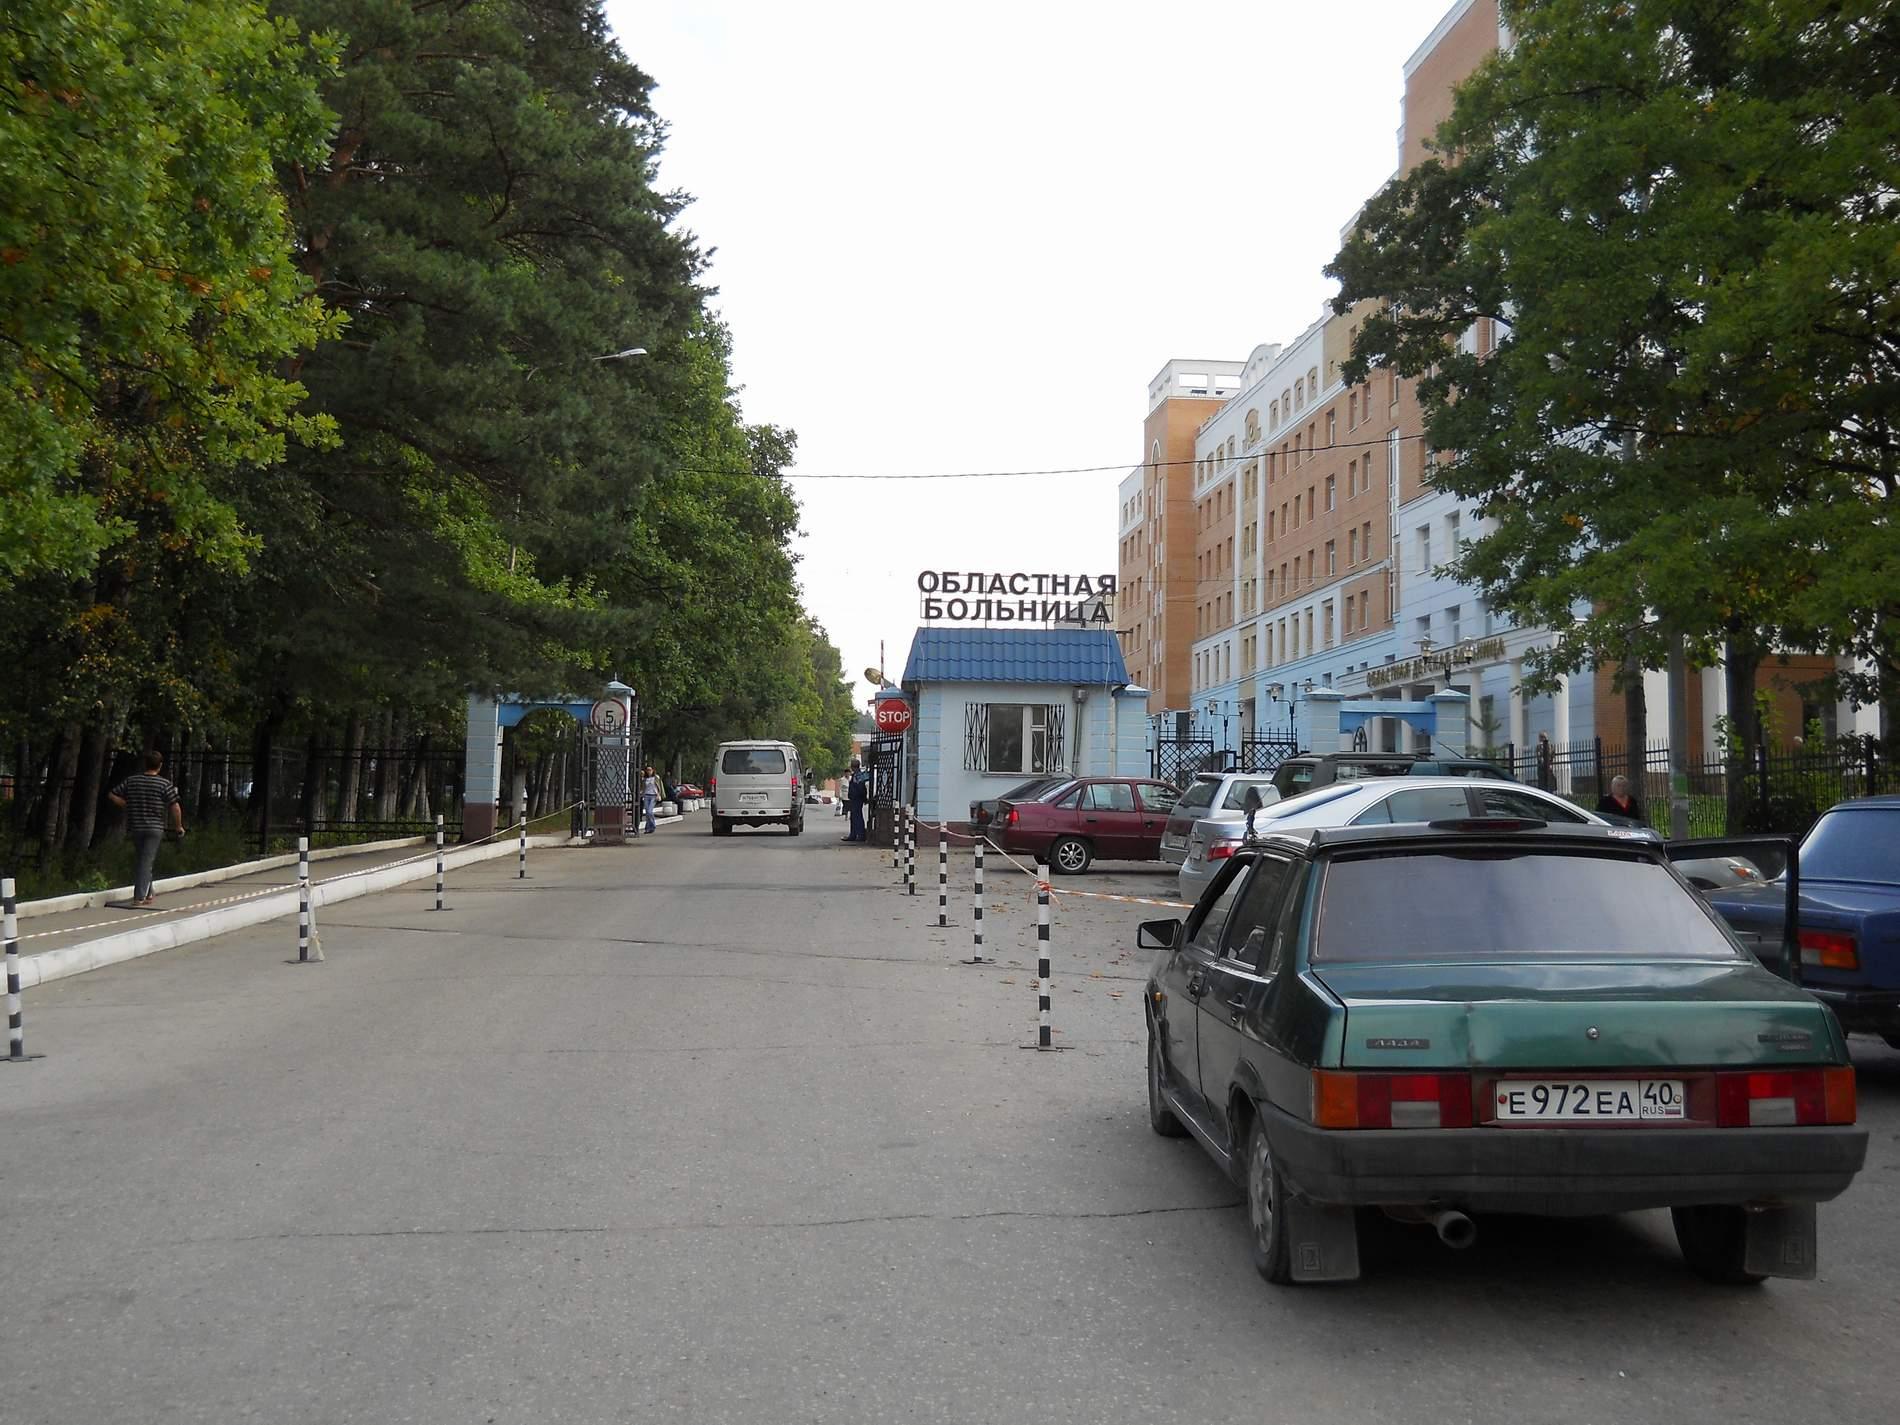 Расписание врачей в автоприборовской больнице владимир